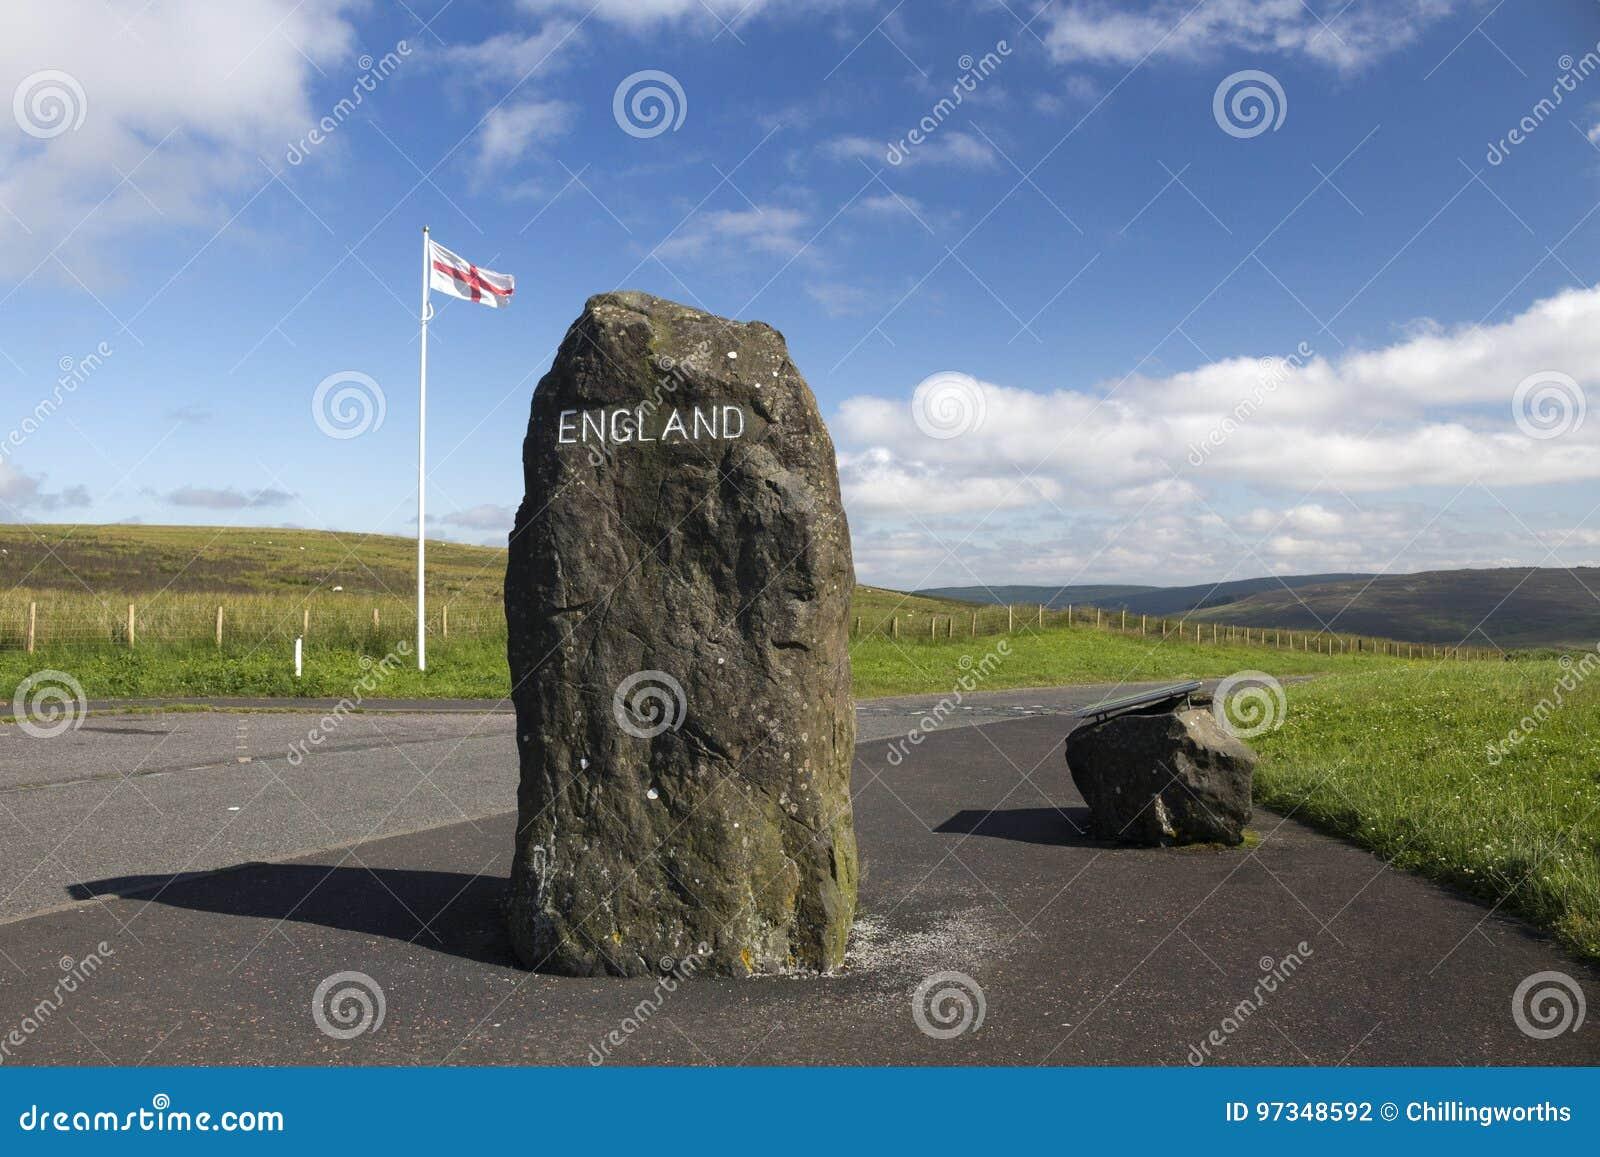 Szkocki - angielszczyzny Graniczą, Northumberland, Zjednoczone Królestwo